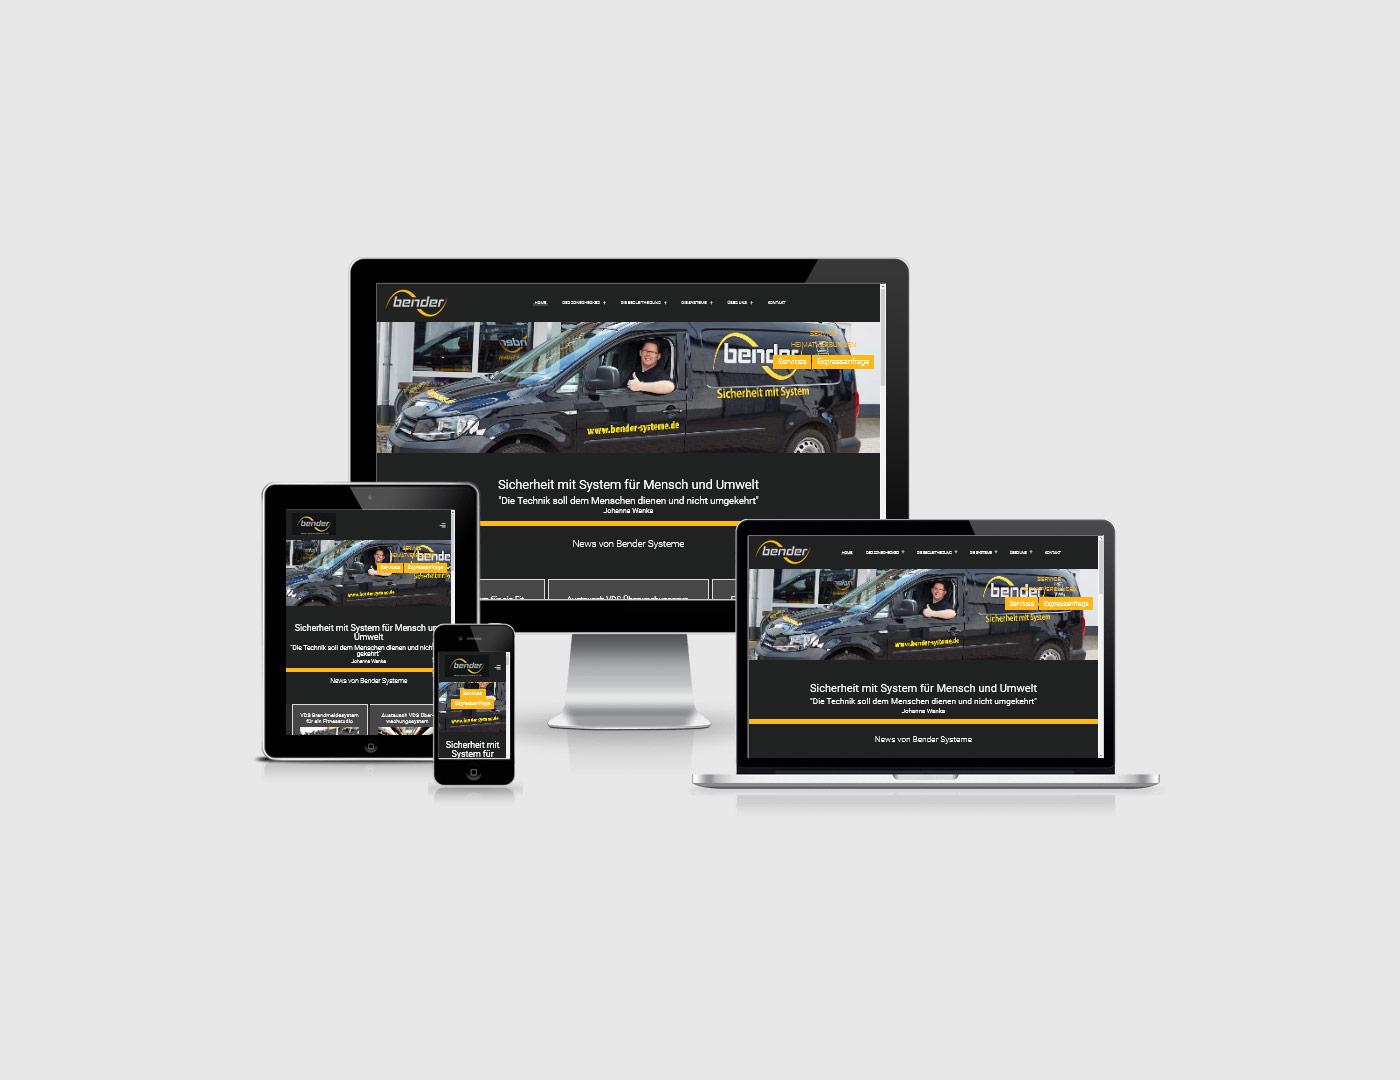 Eifel erstellt eine Webseite für Bender-Systeme GmbH & Co. KG aus der Eifel